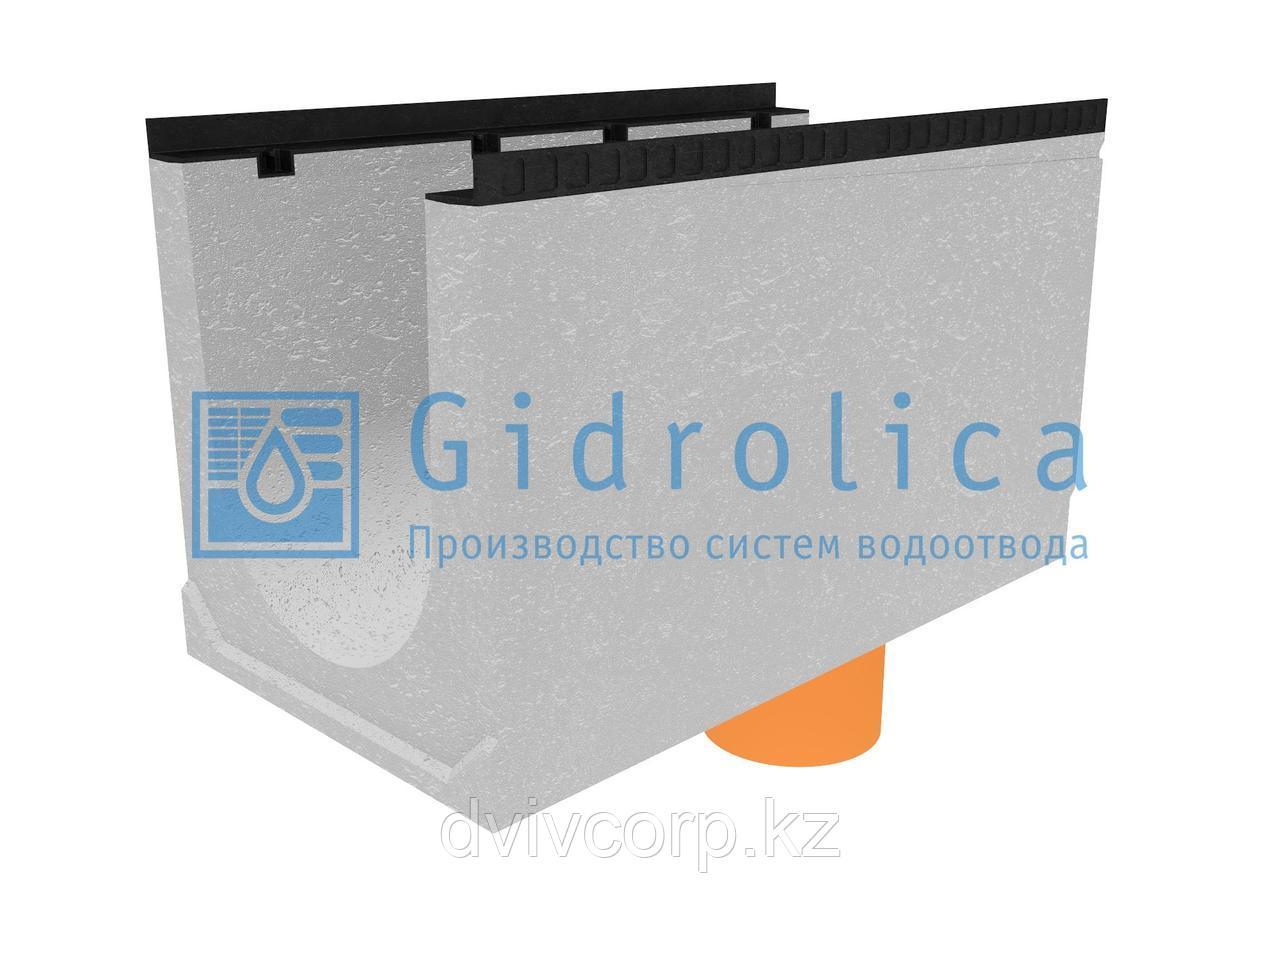 Лоток водоотводный бетонный коробчатый (СО-400мм), с водосливом КUв 100.54(40).60(52) - BGМ, № 30-0